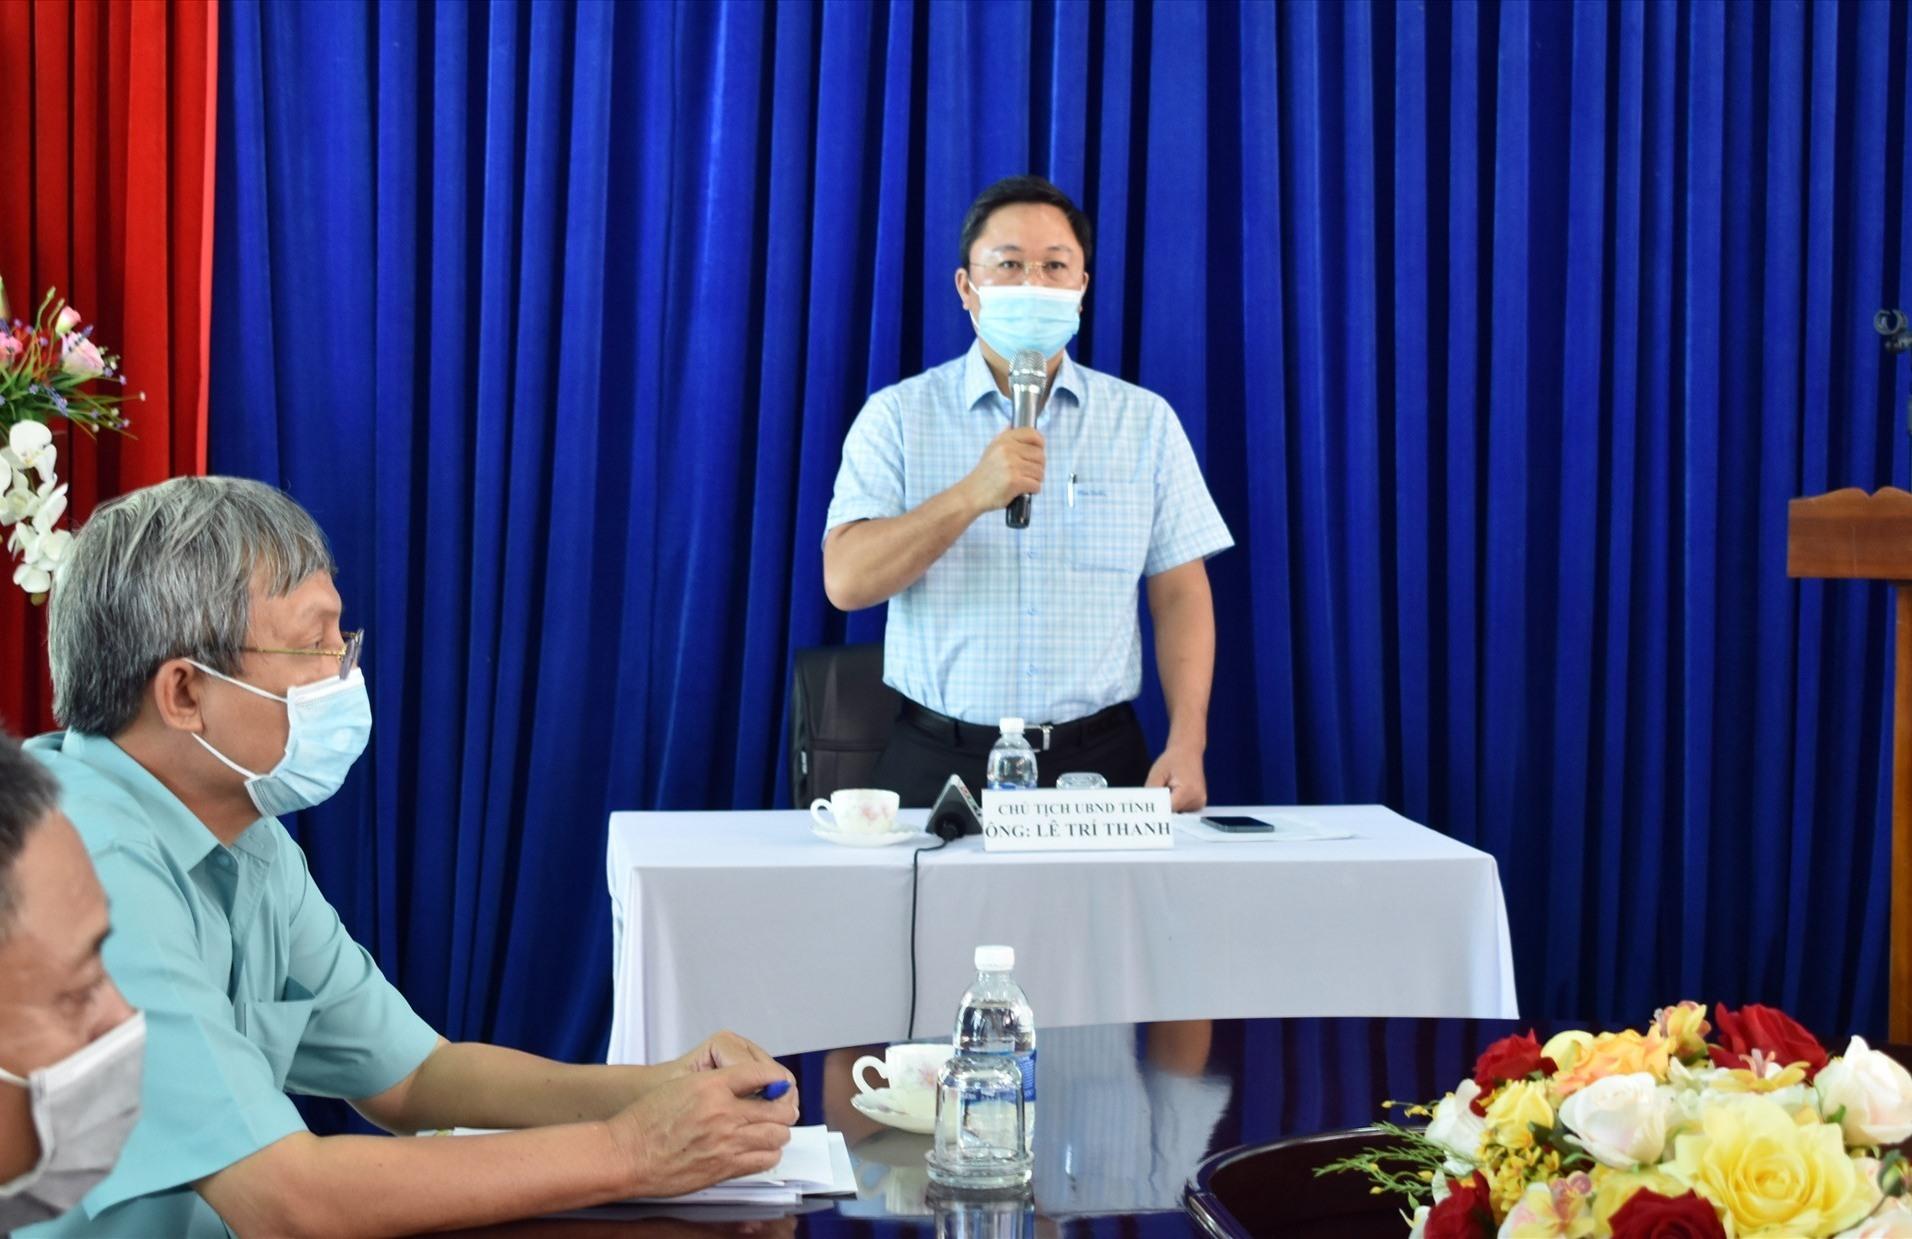 chủ tịch UBND tỉnh Lê Trí Thanh phát biểu tại buổi làm việc